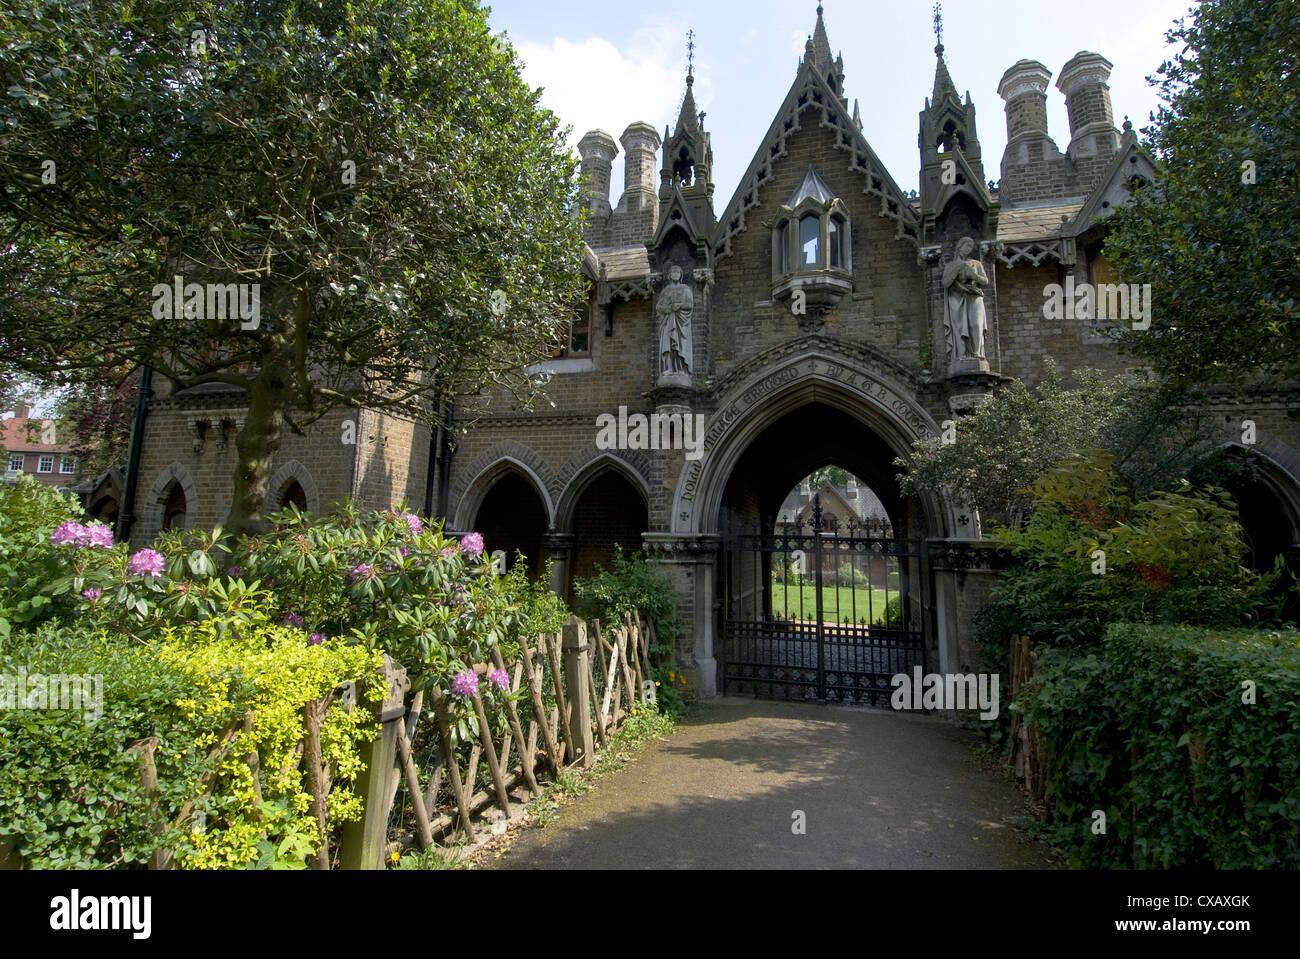 Holly-Dorf, Klasse 2 aufgeführten gotischen Stil Gebäude aus dem Jahr 1865, Architekt Henry Darybishire, Stockbild